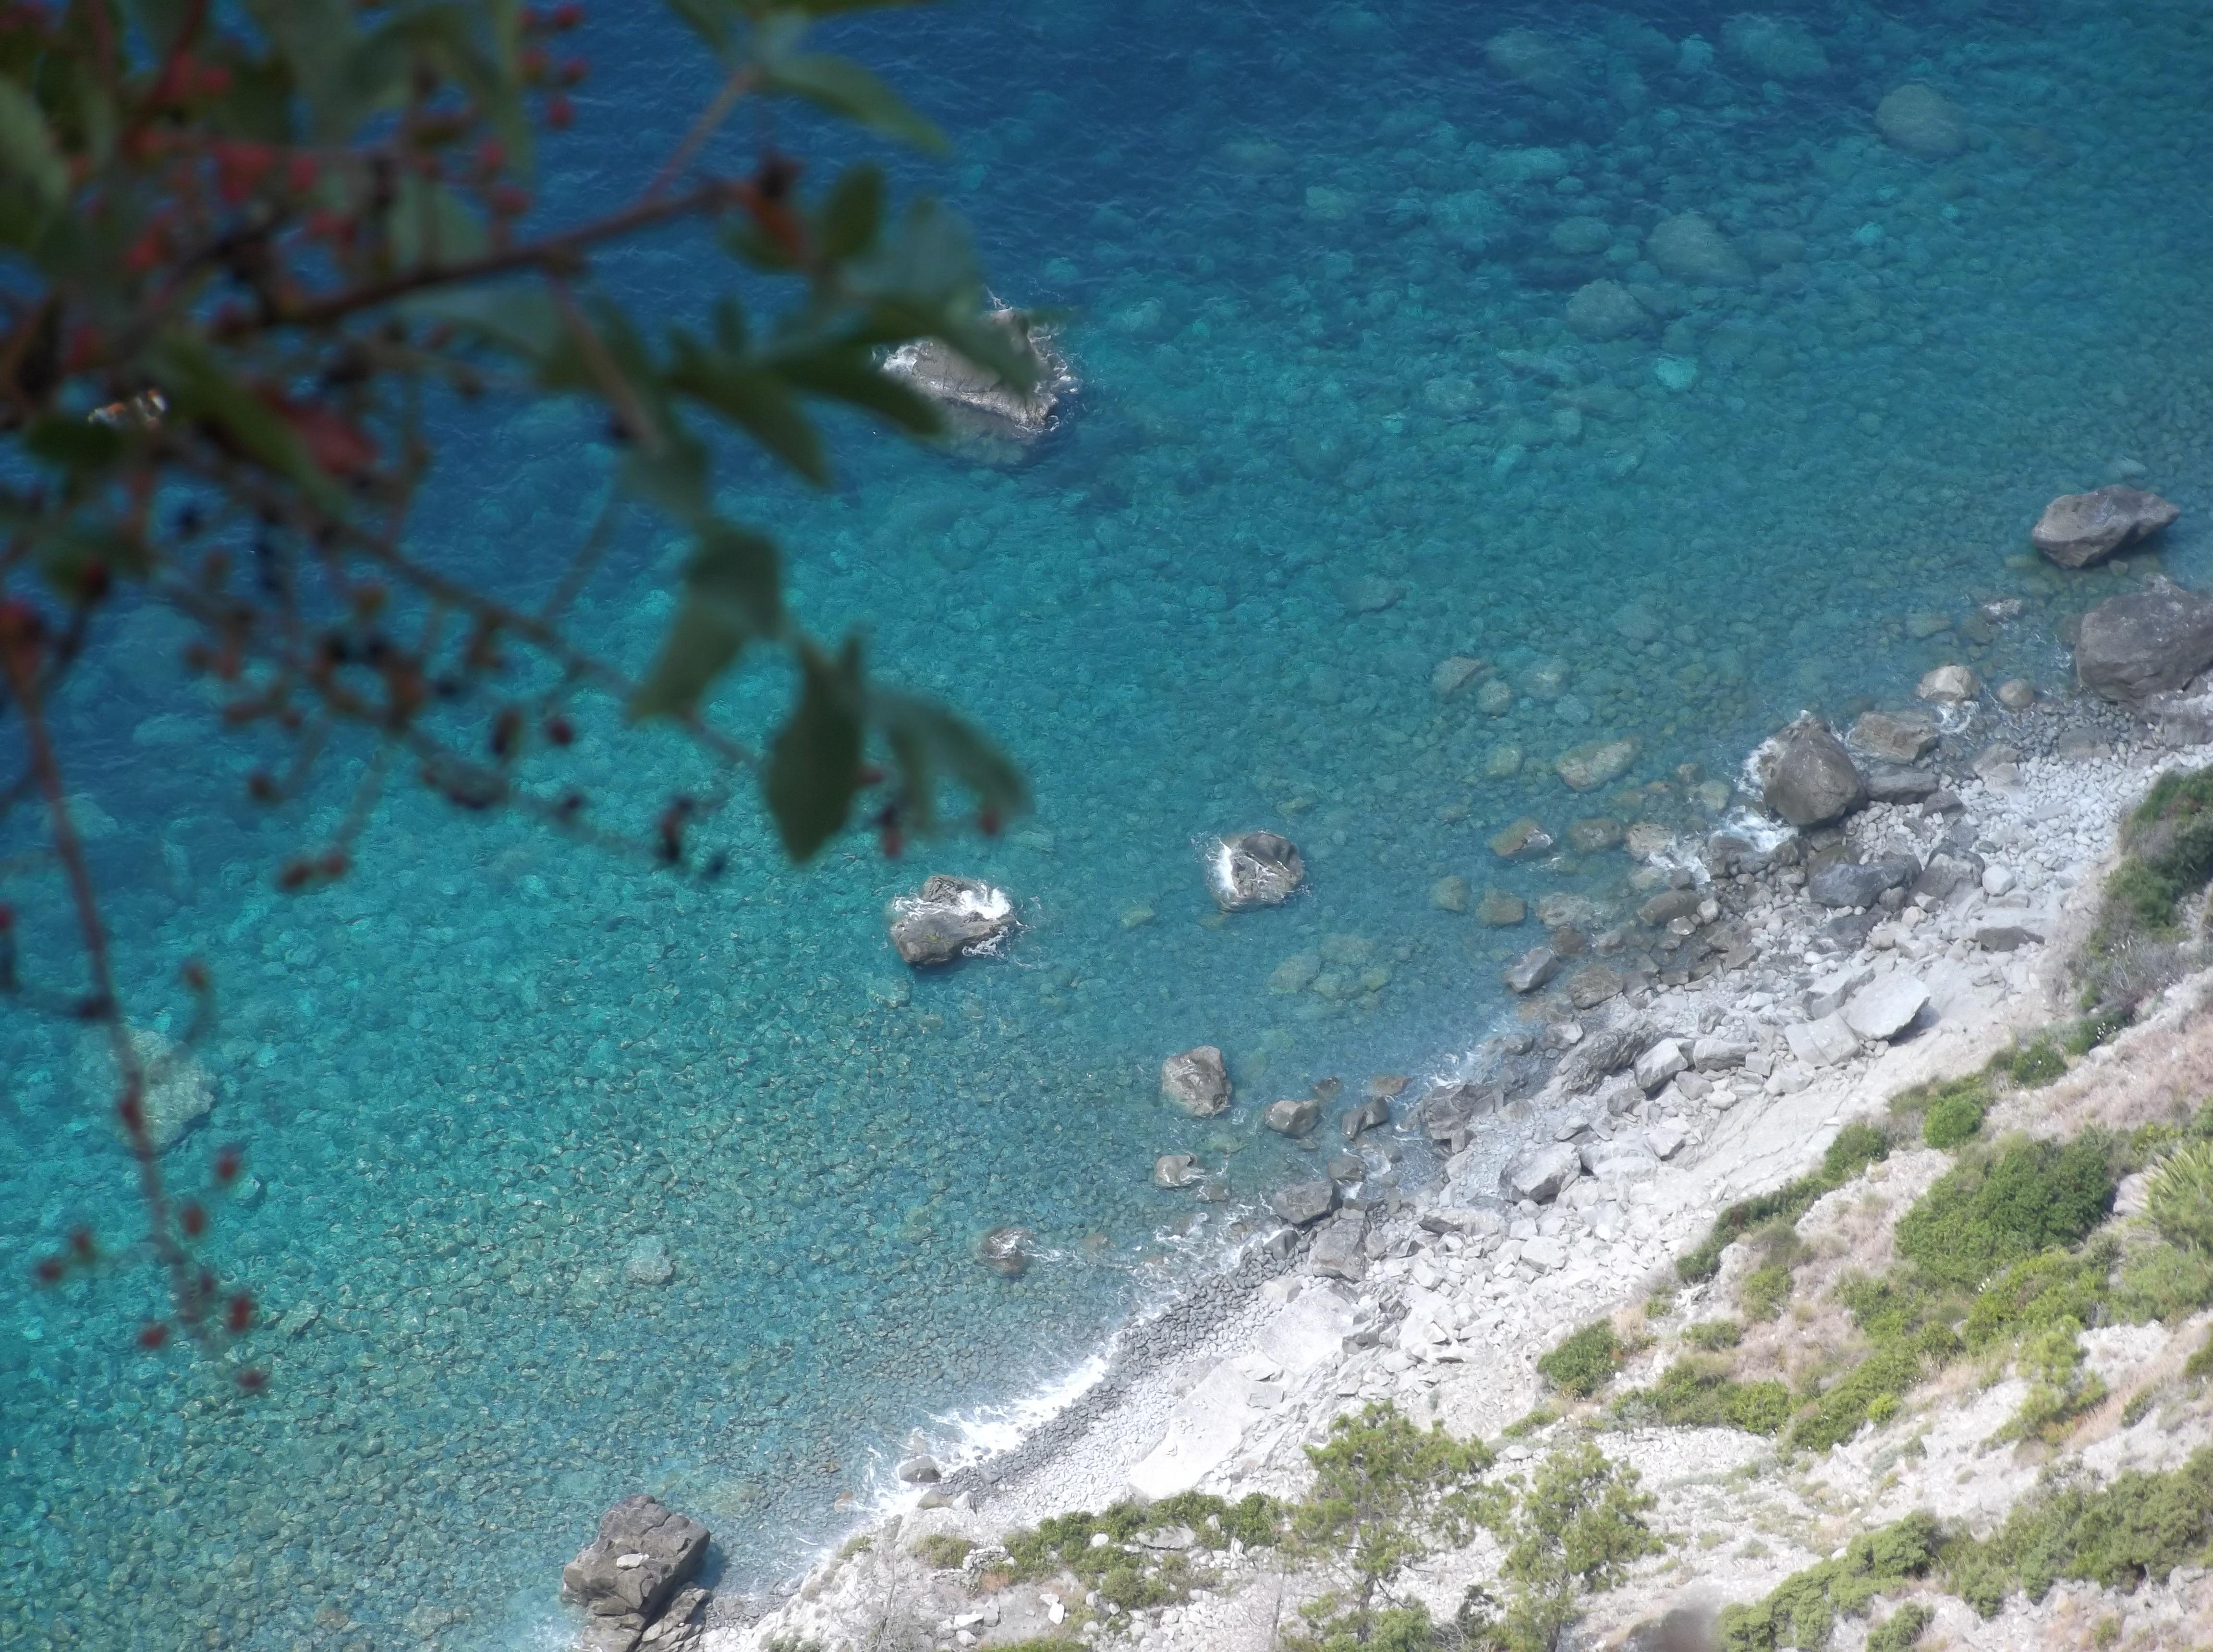 Mon r cit de voyage aux cinque terre en italie blog voyage le prochain voyage - Brunico italie office du tourisme ...